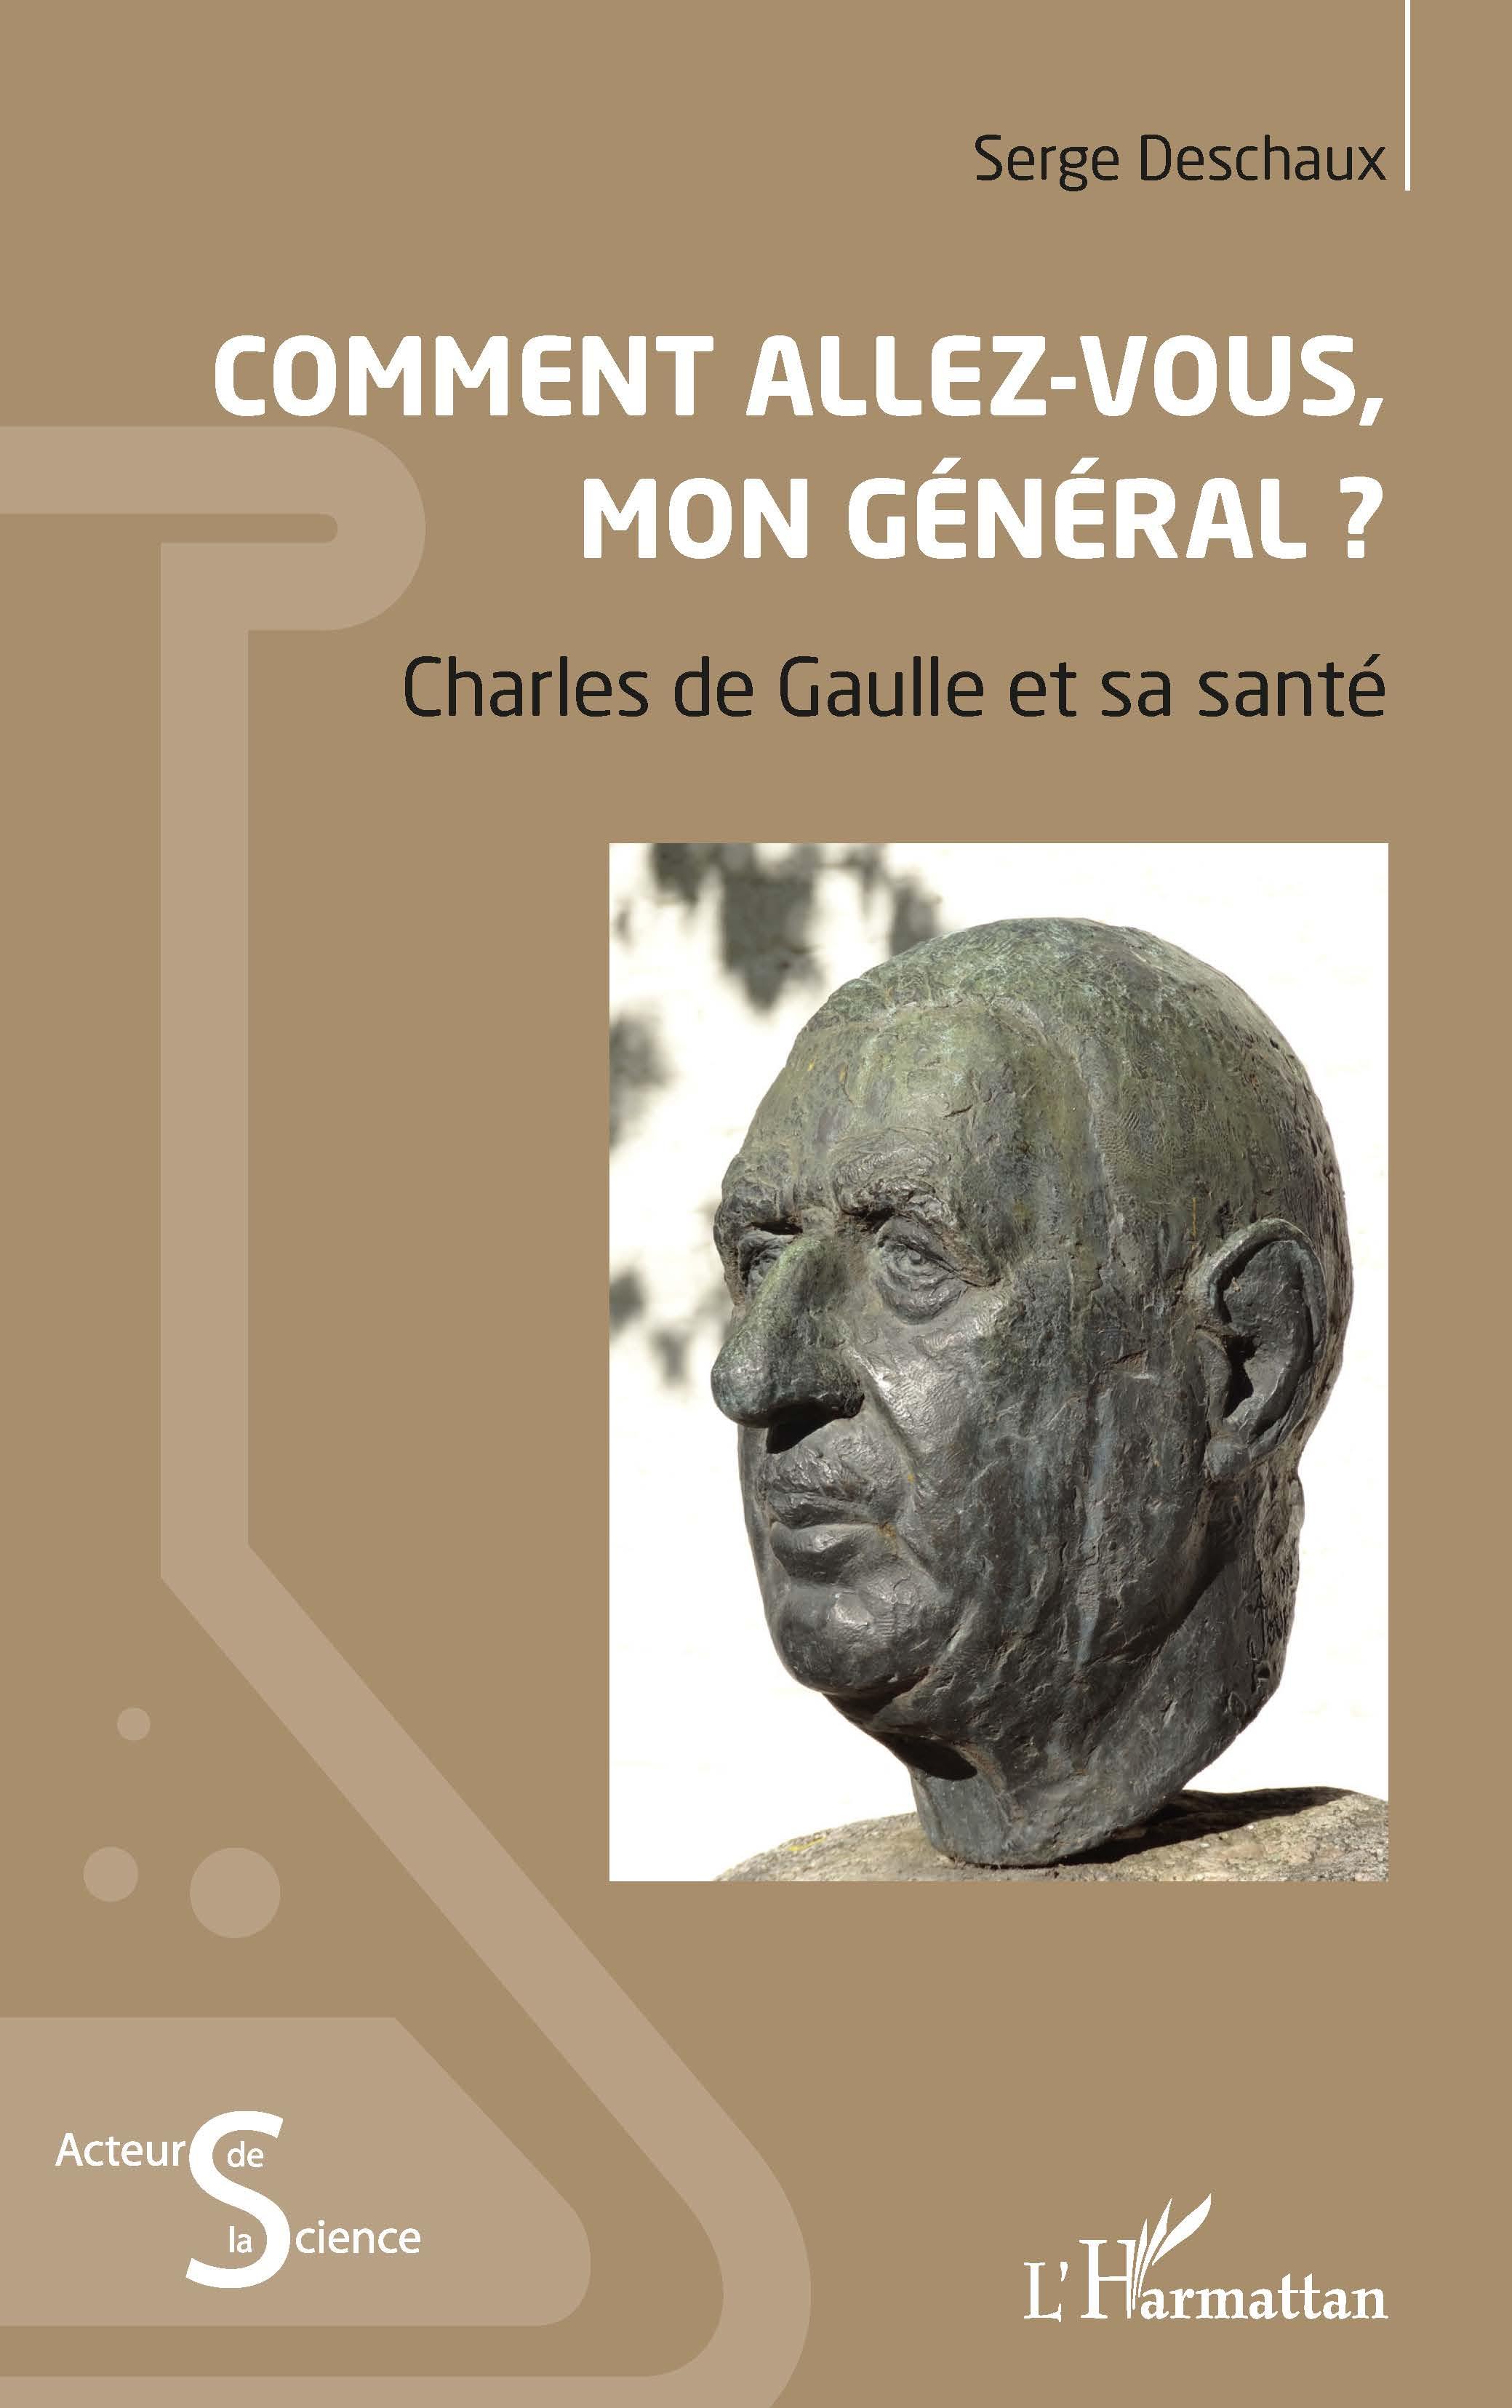 Comment allez vous mon Général_santé du général de Gaulle_ouvrage de Serge Deschaux